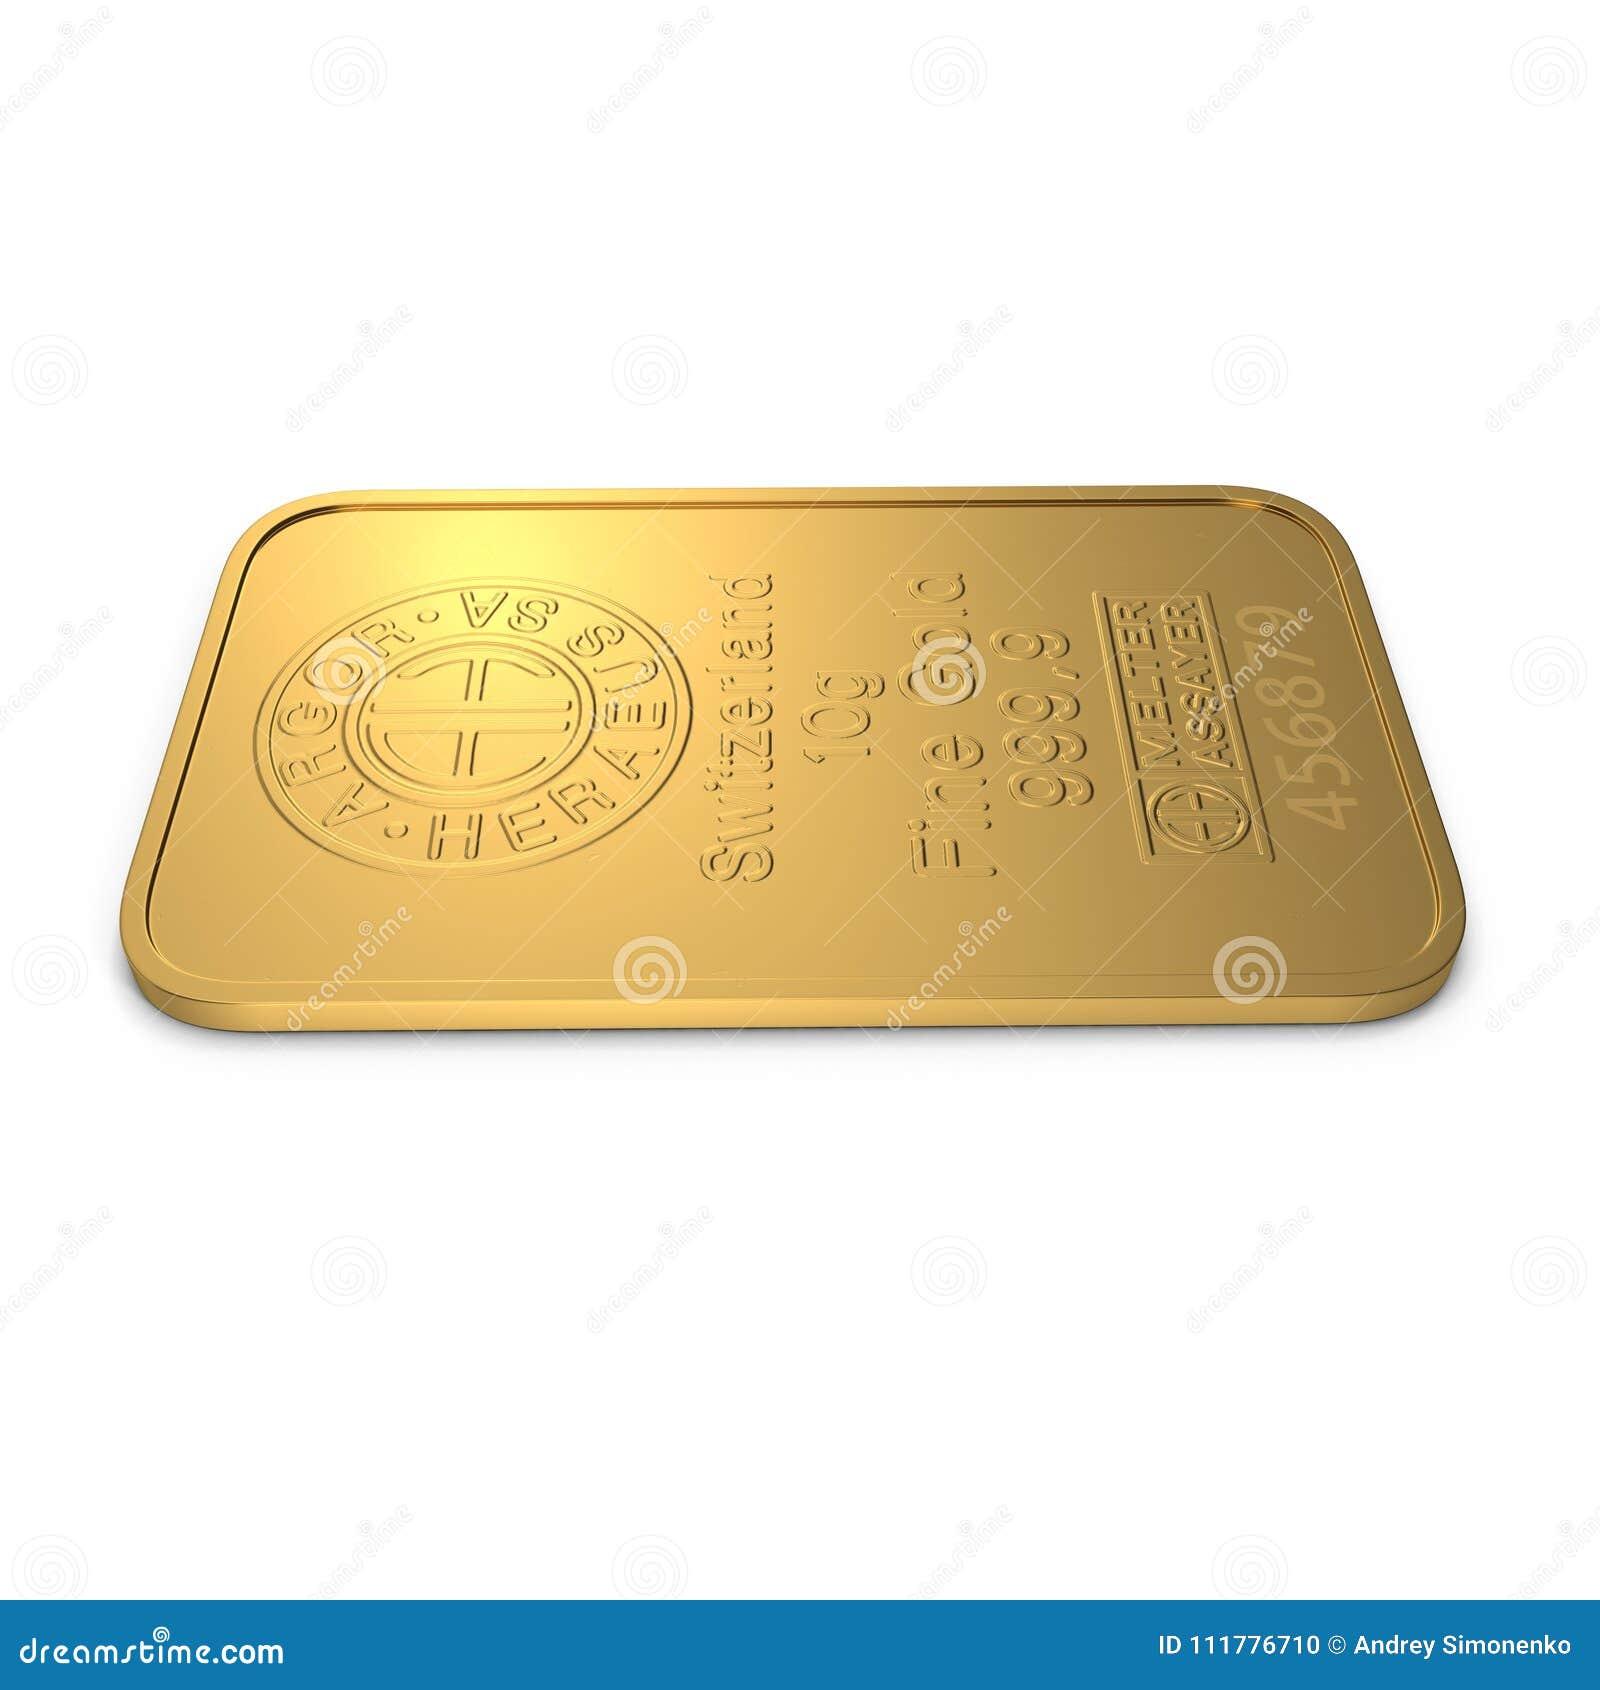 Gold bar 10g isolated on white. 3D illustration